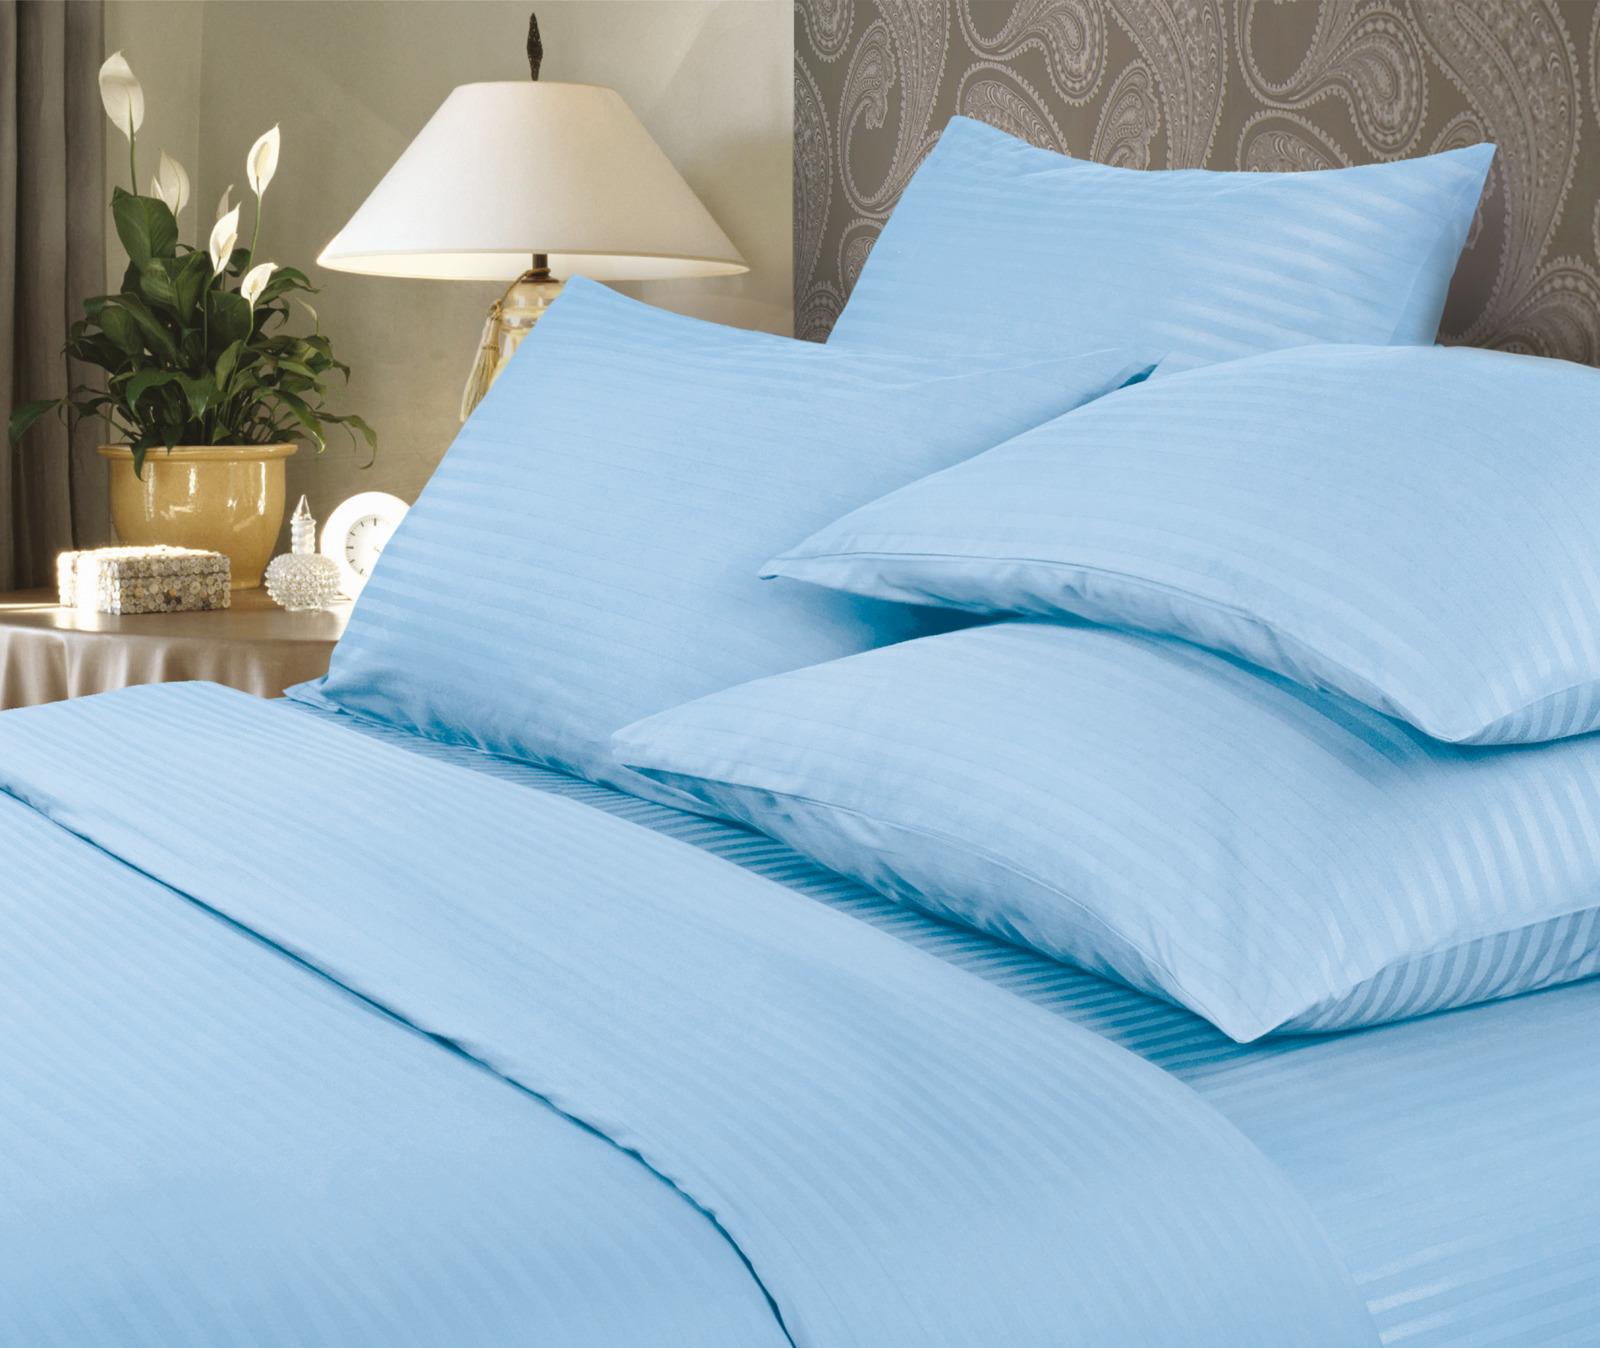 Комплект белья Verossa Sky, 1,5-спальный, наволочки 70x70. 718968